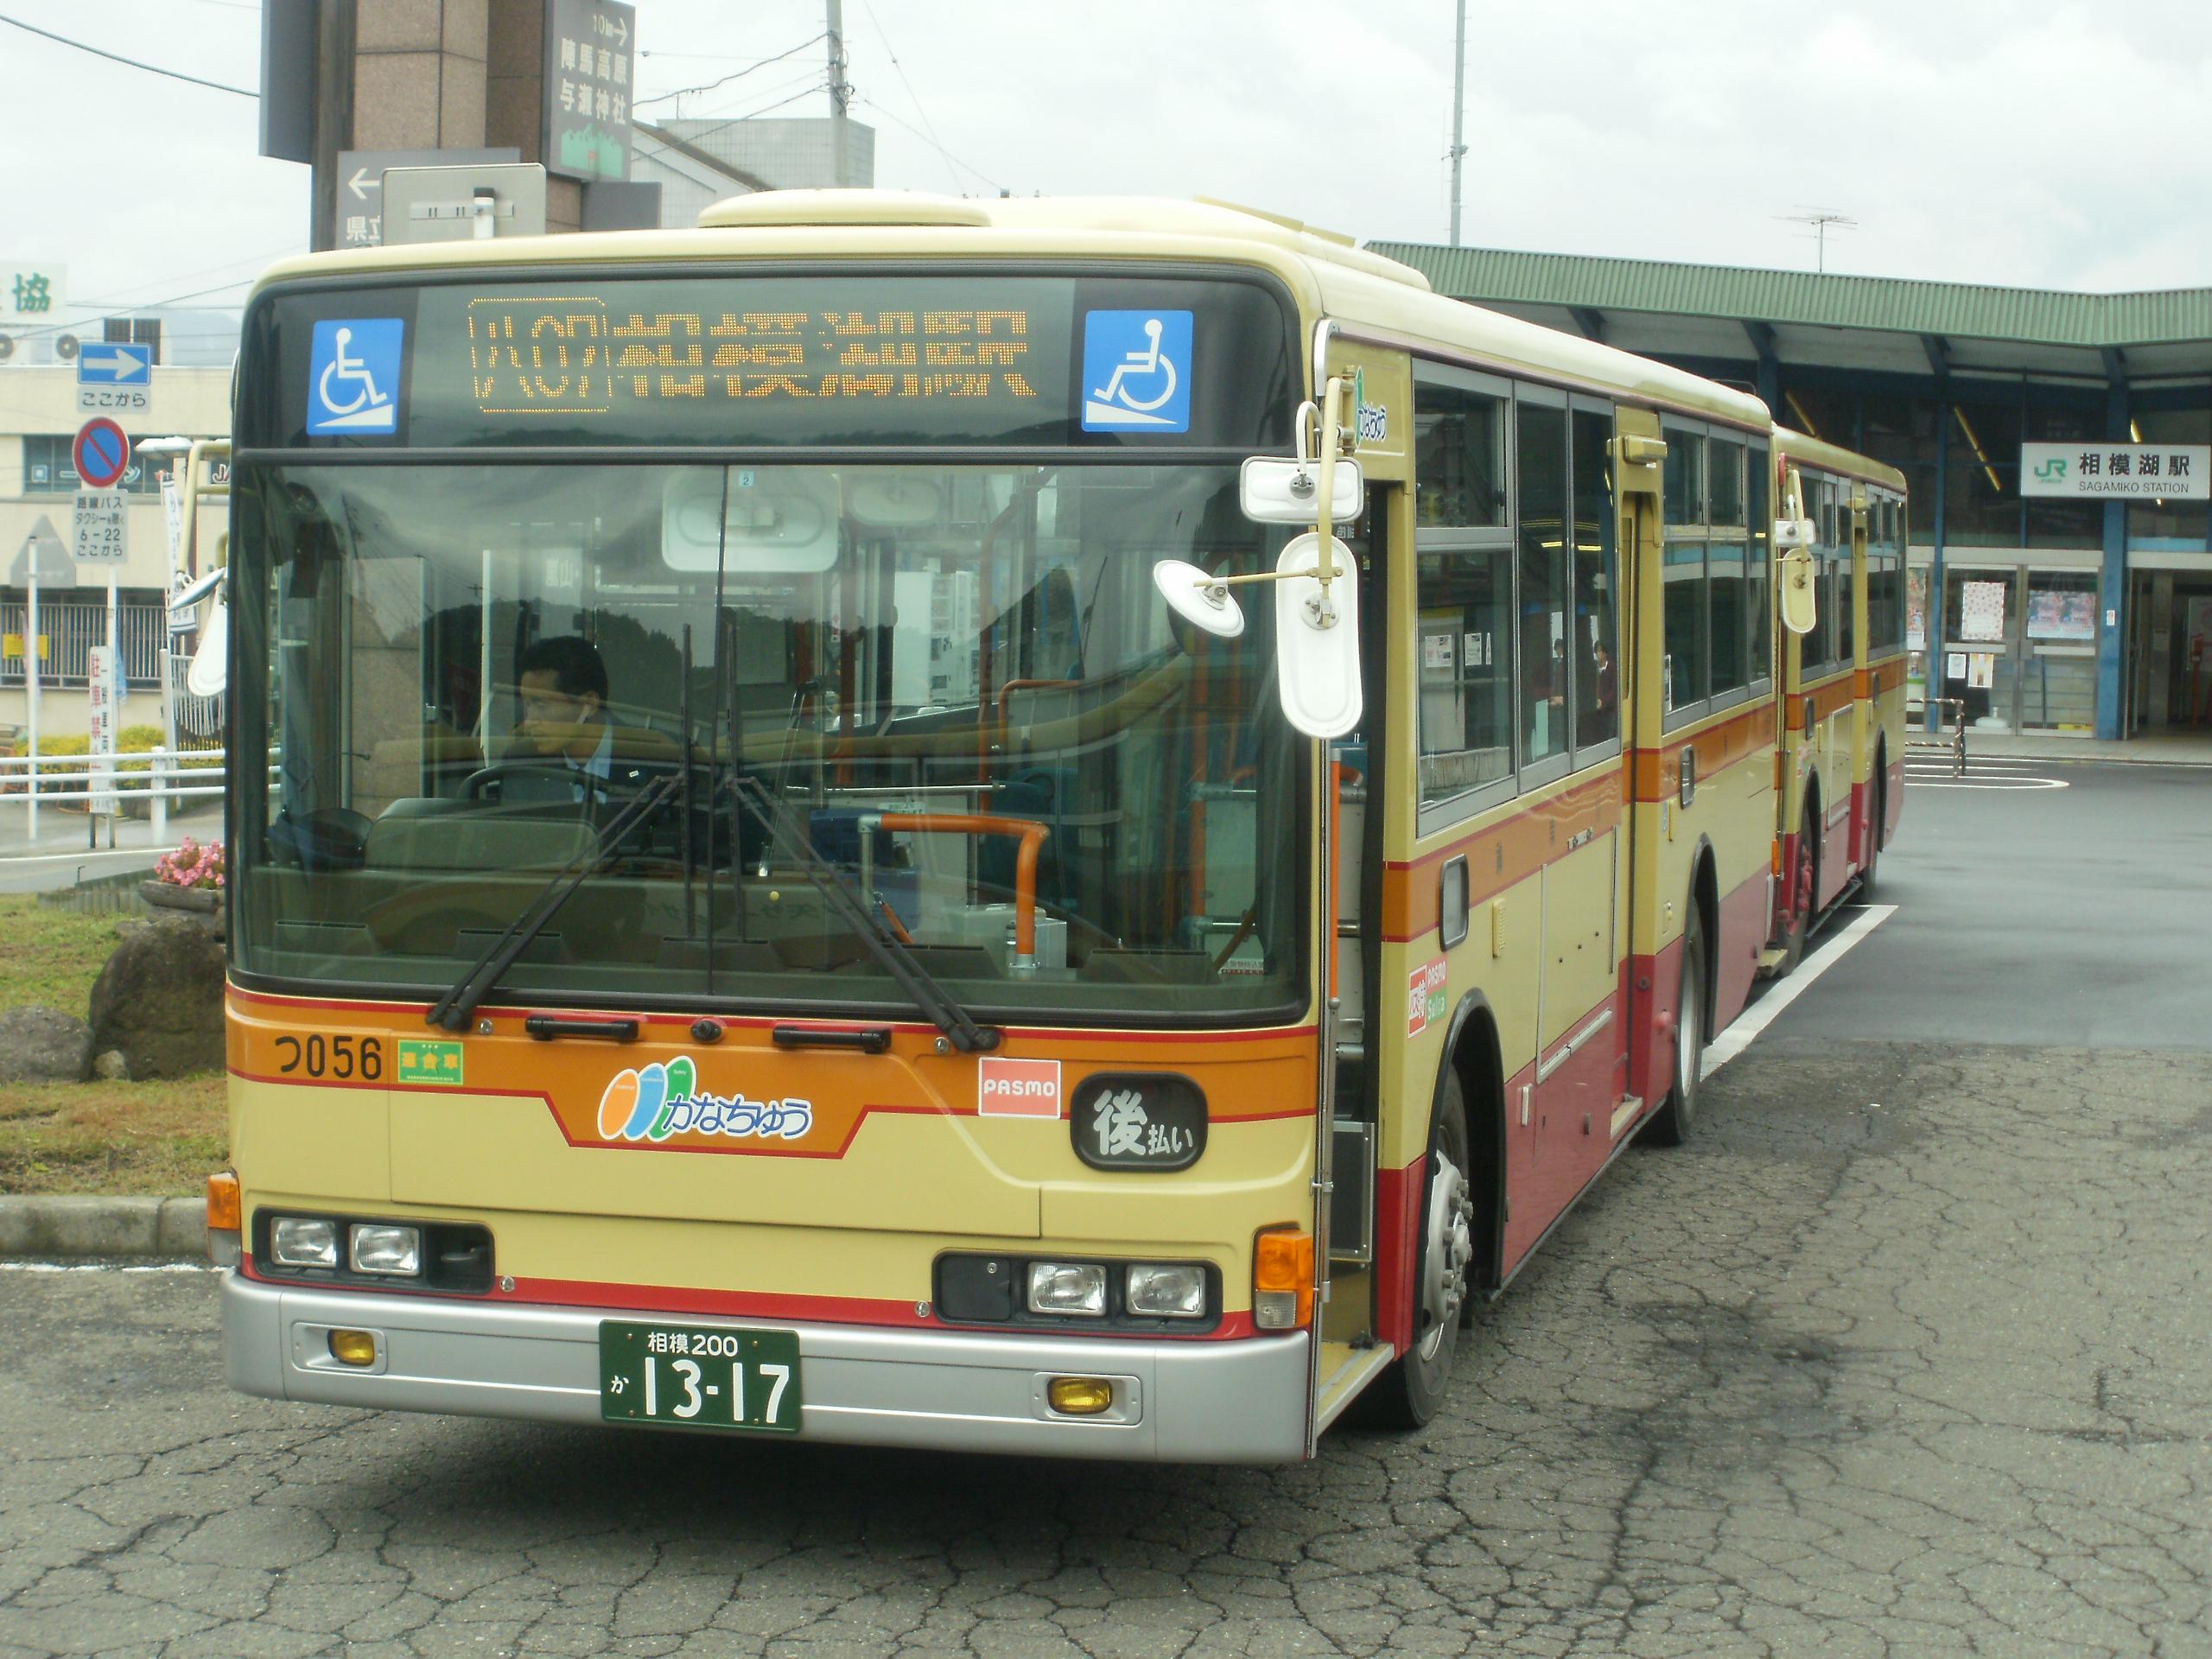 かなちゅう バス 時刻 表 府中市コミュニティ バス時刻表やバス停検索 路線バス情報